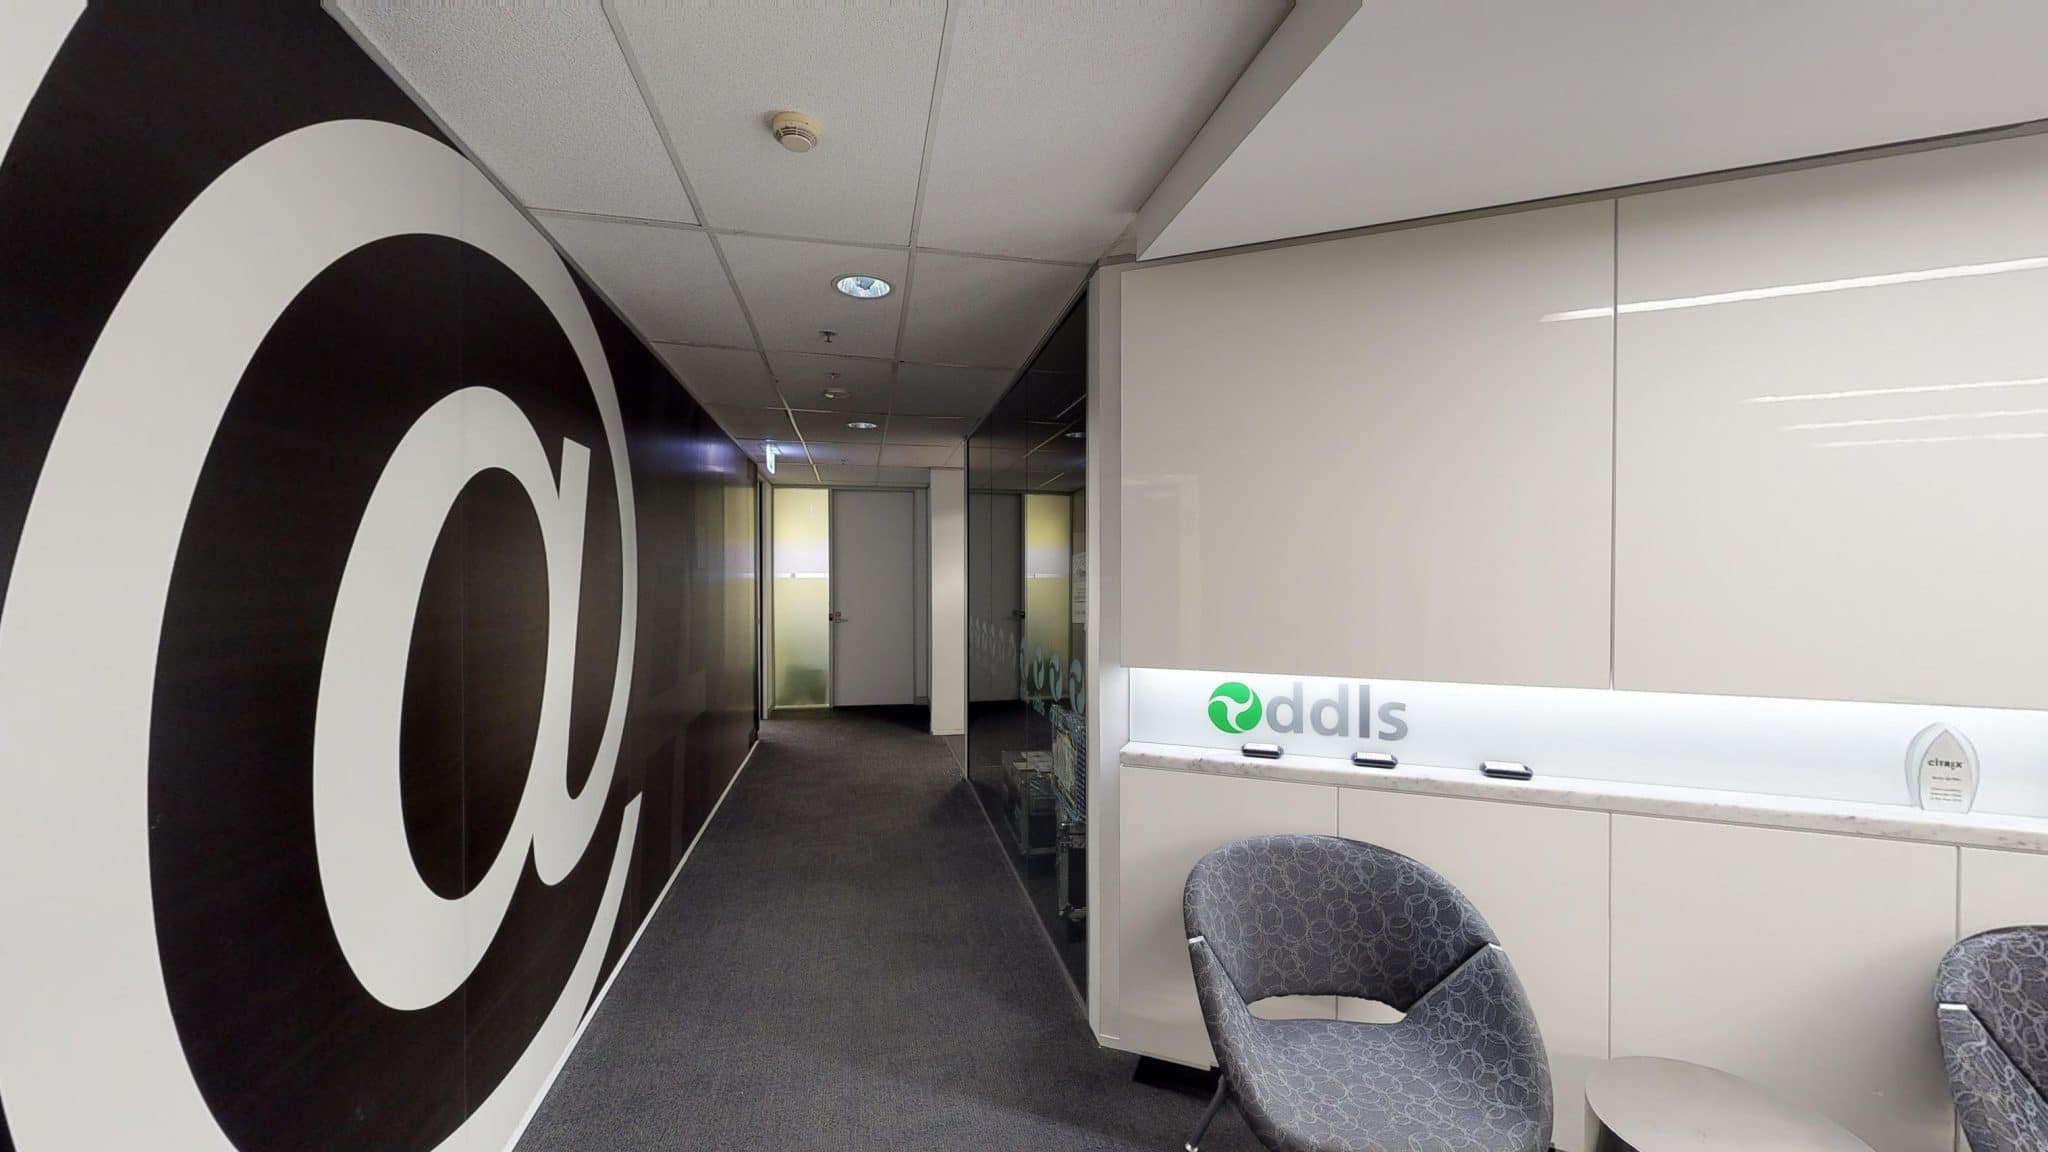 DDLS Brisbane